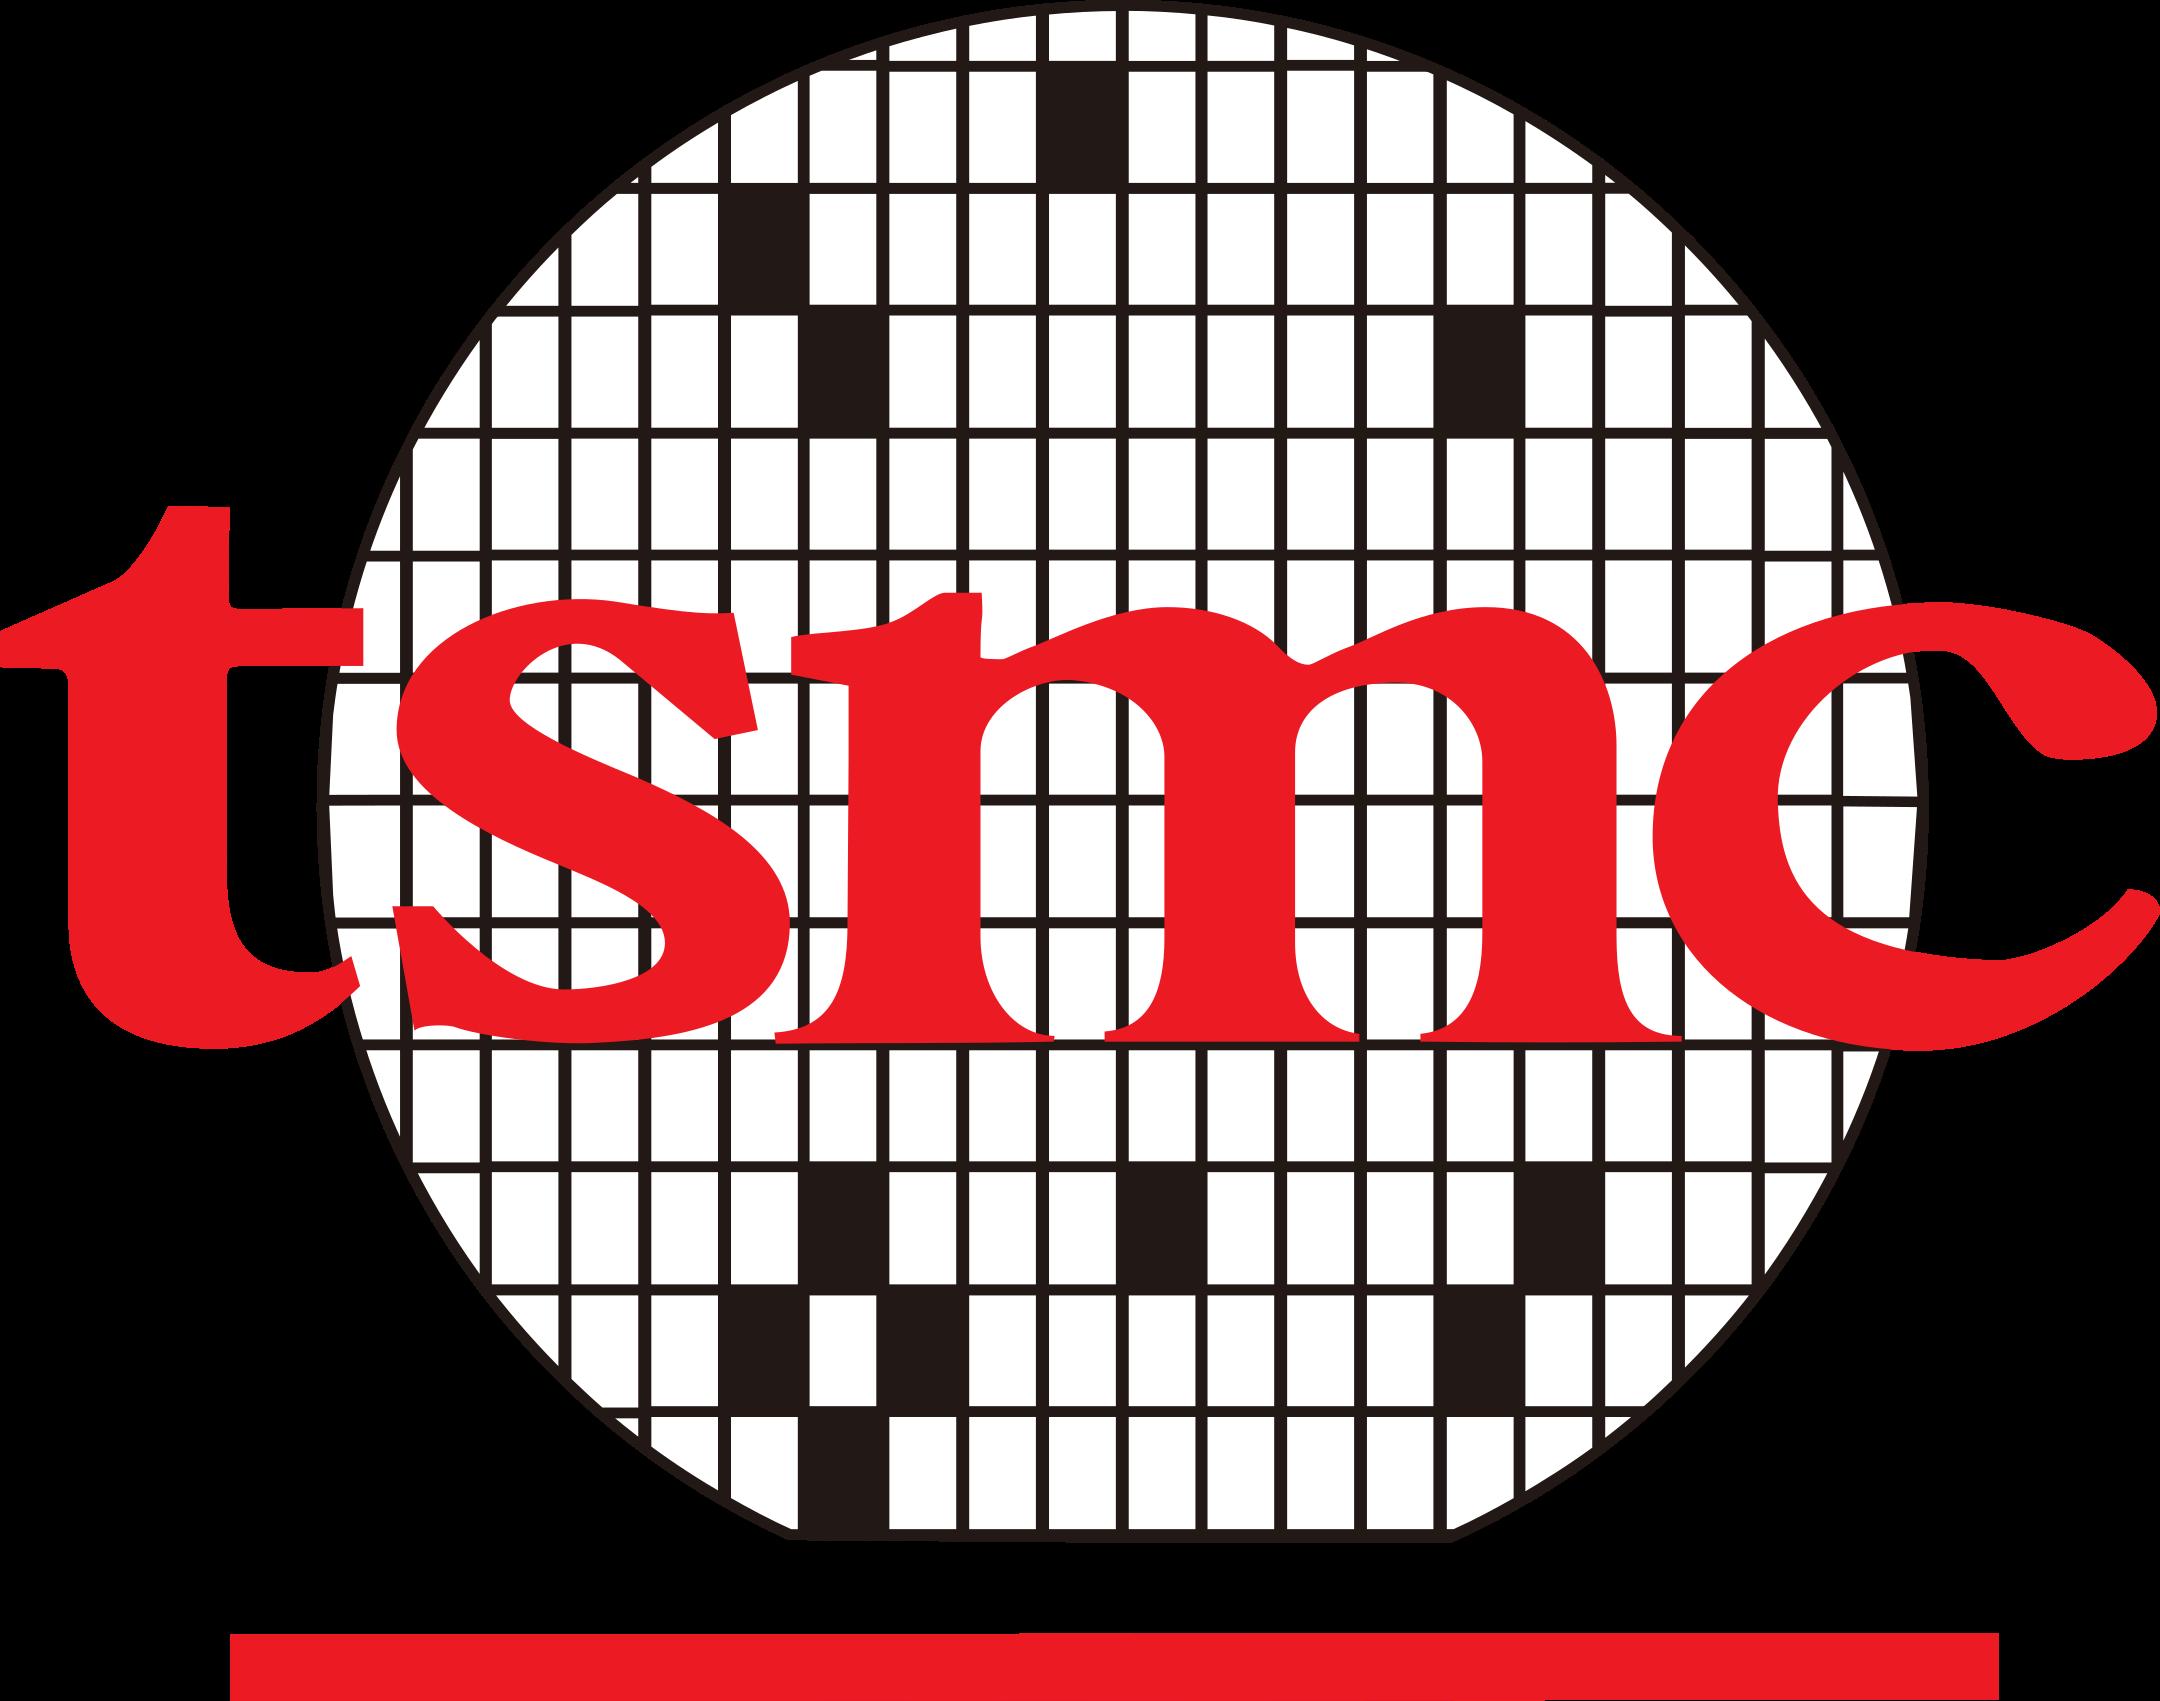 tsmc logo 1 - TSMC Logo